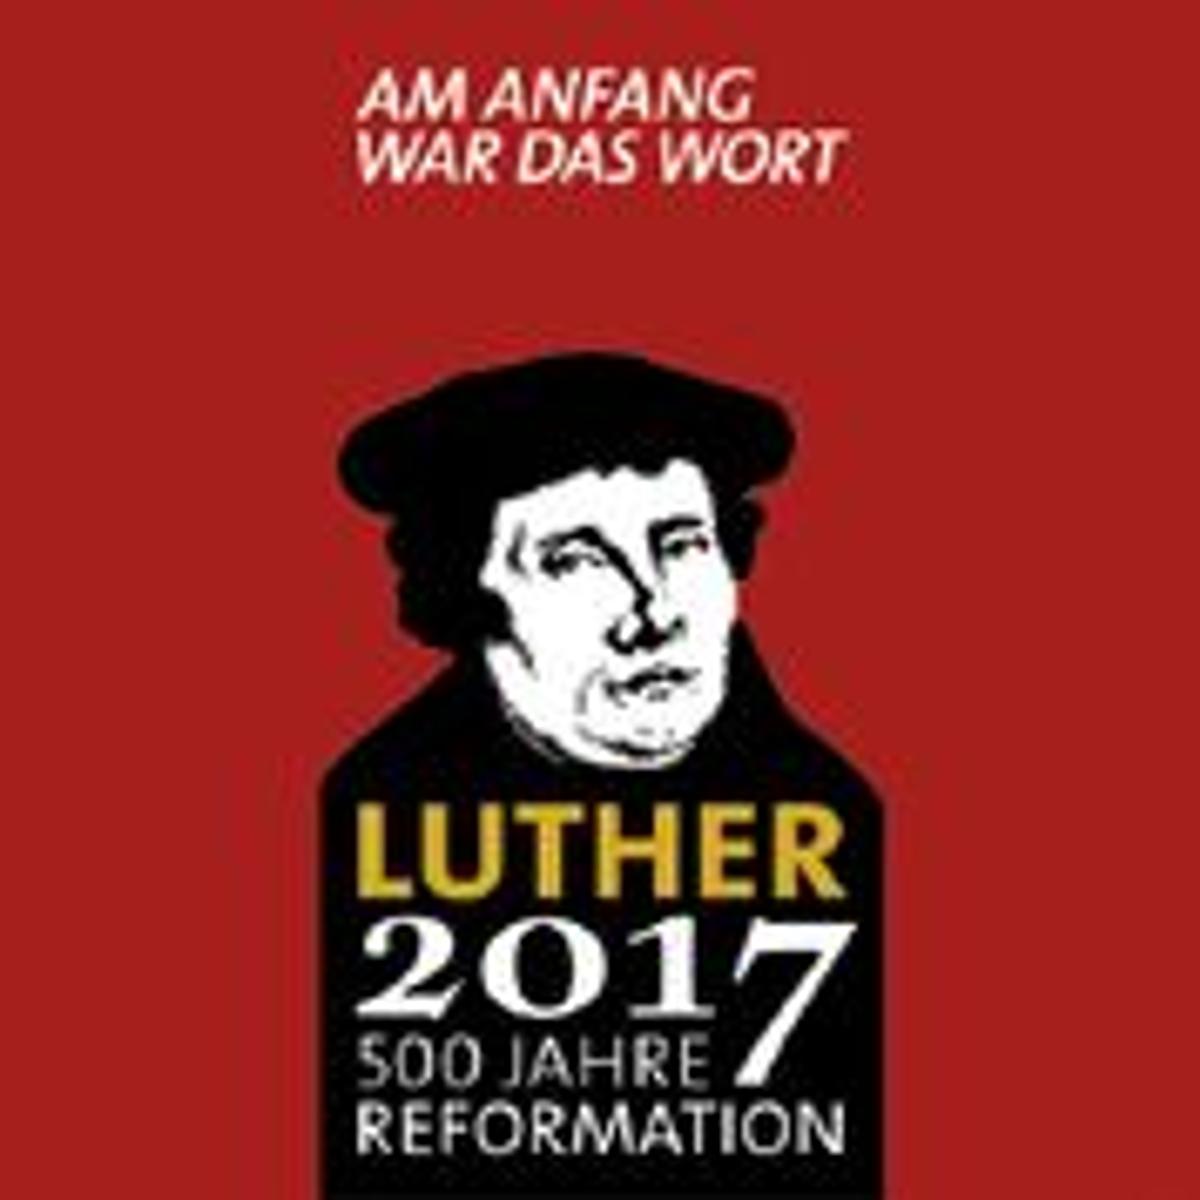 Wochenendurlaub 500 Jahre Reformation